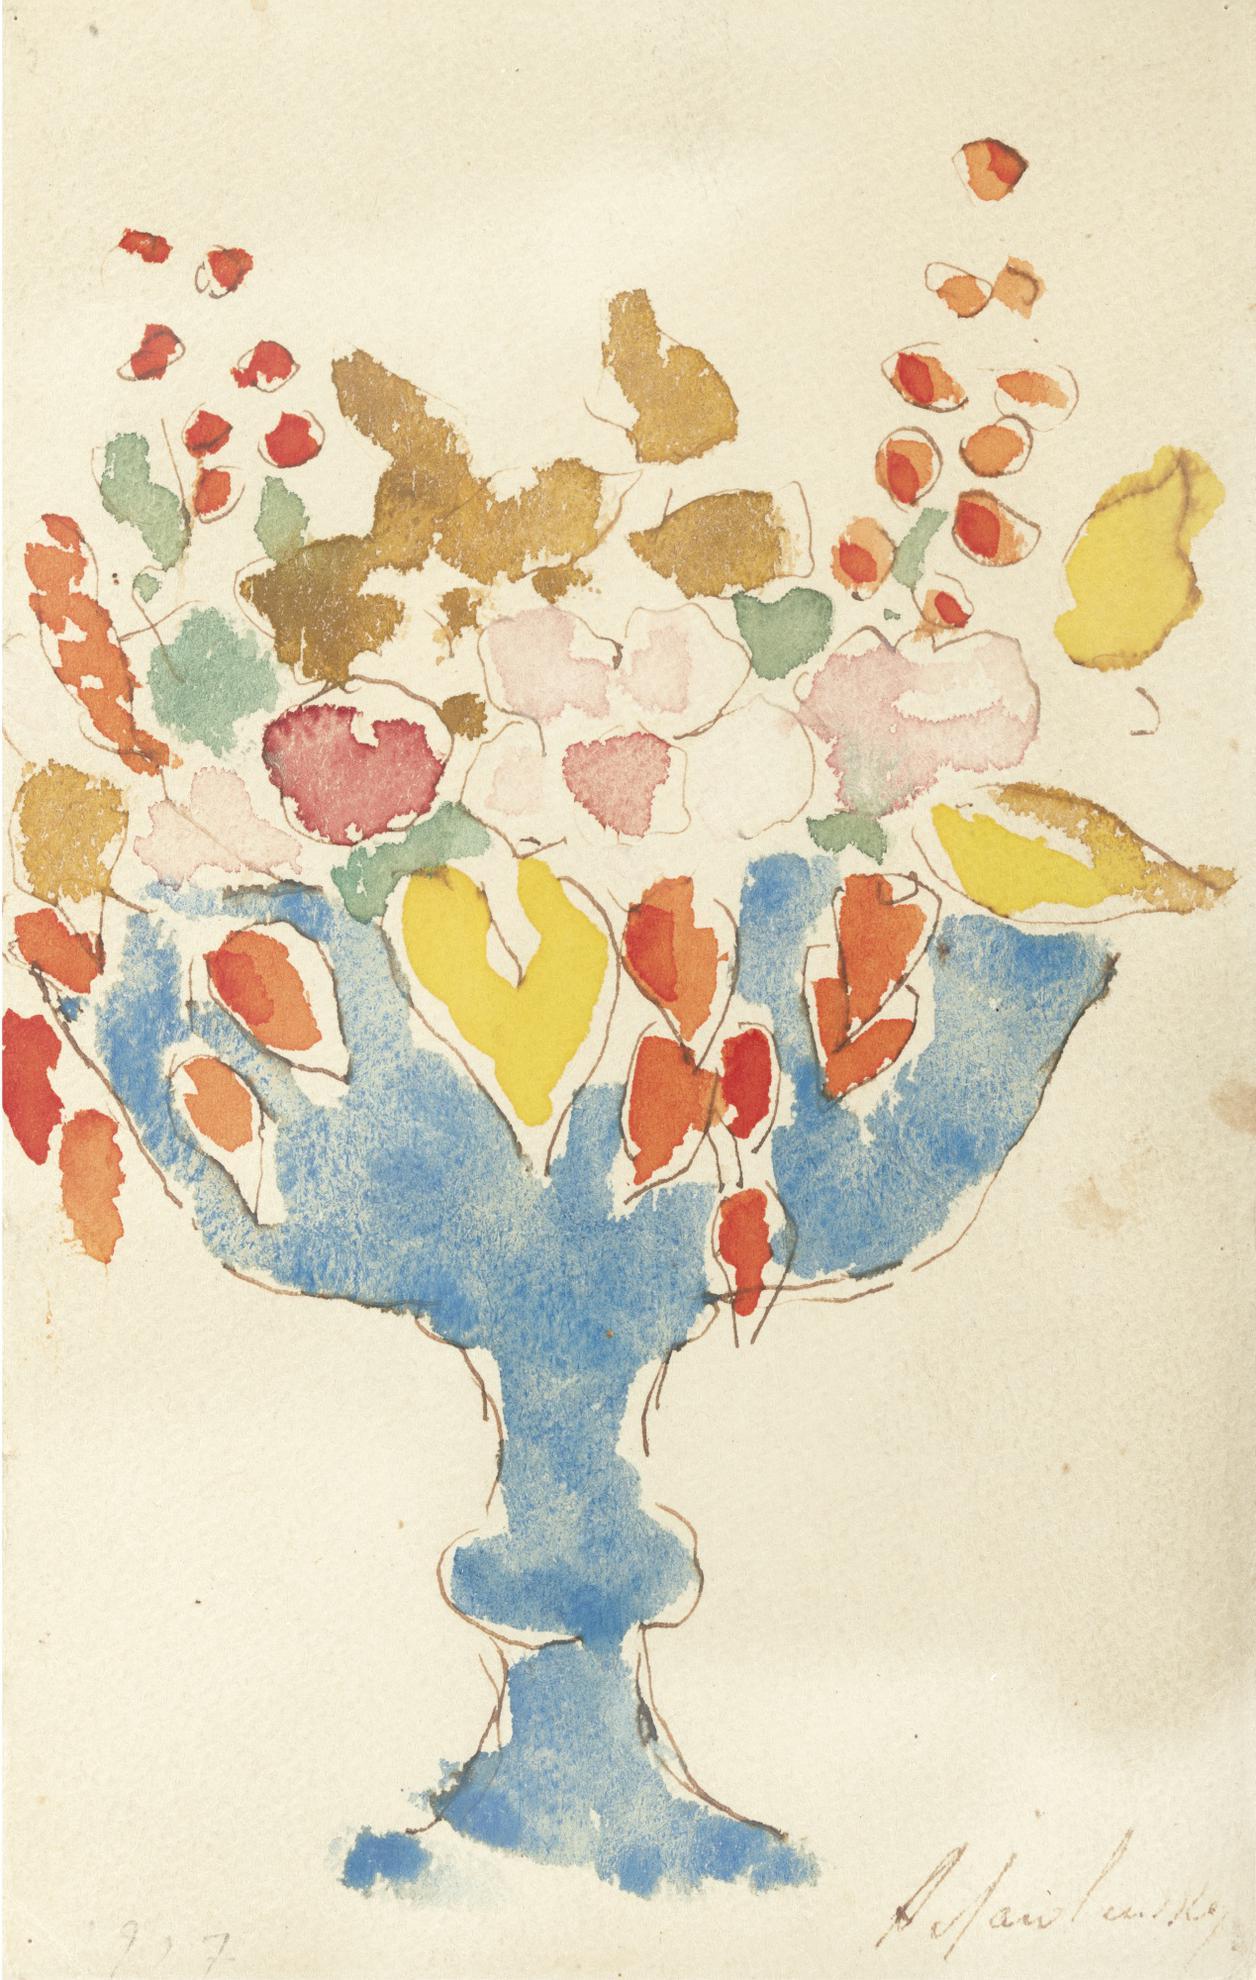 Alexej von Jawlensky-Blumen In Blauer Vase (Flowers In A Blue Vase)-1927